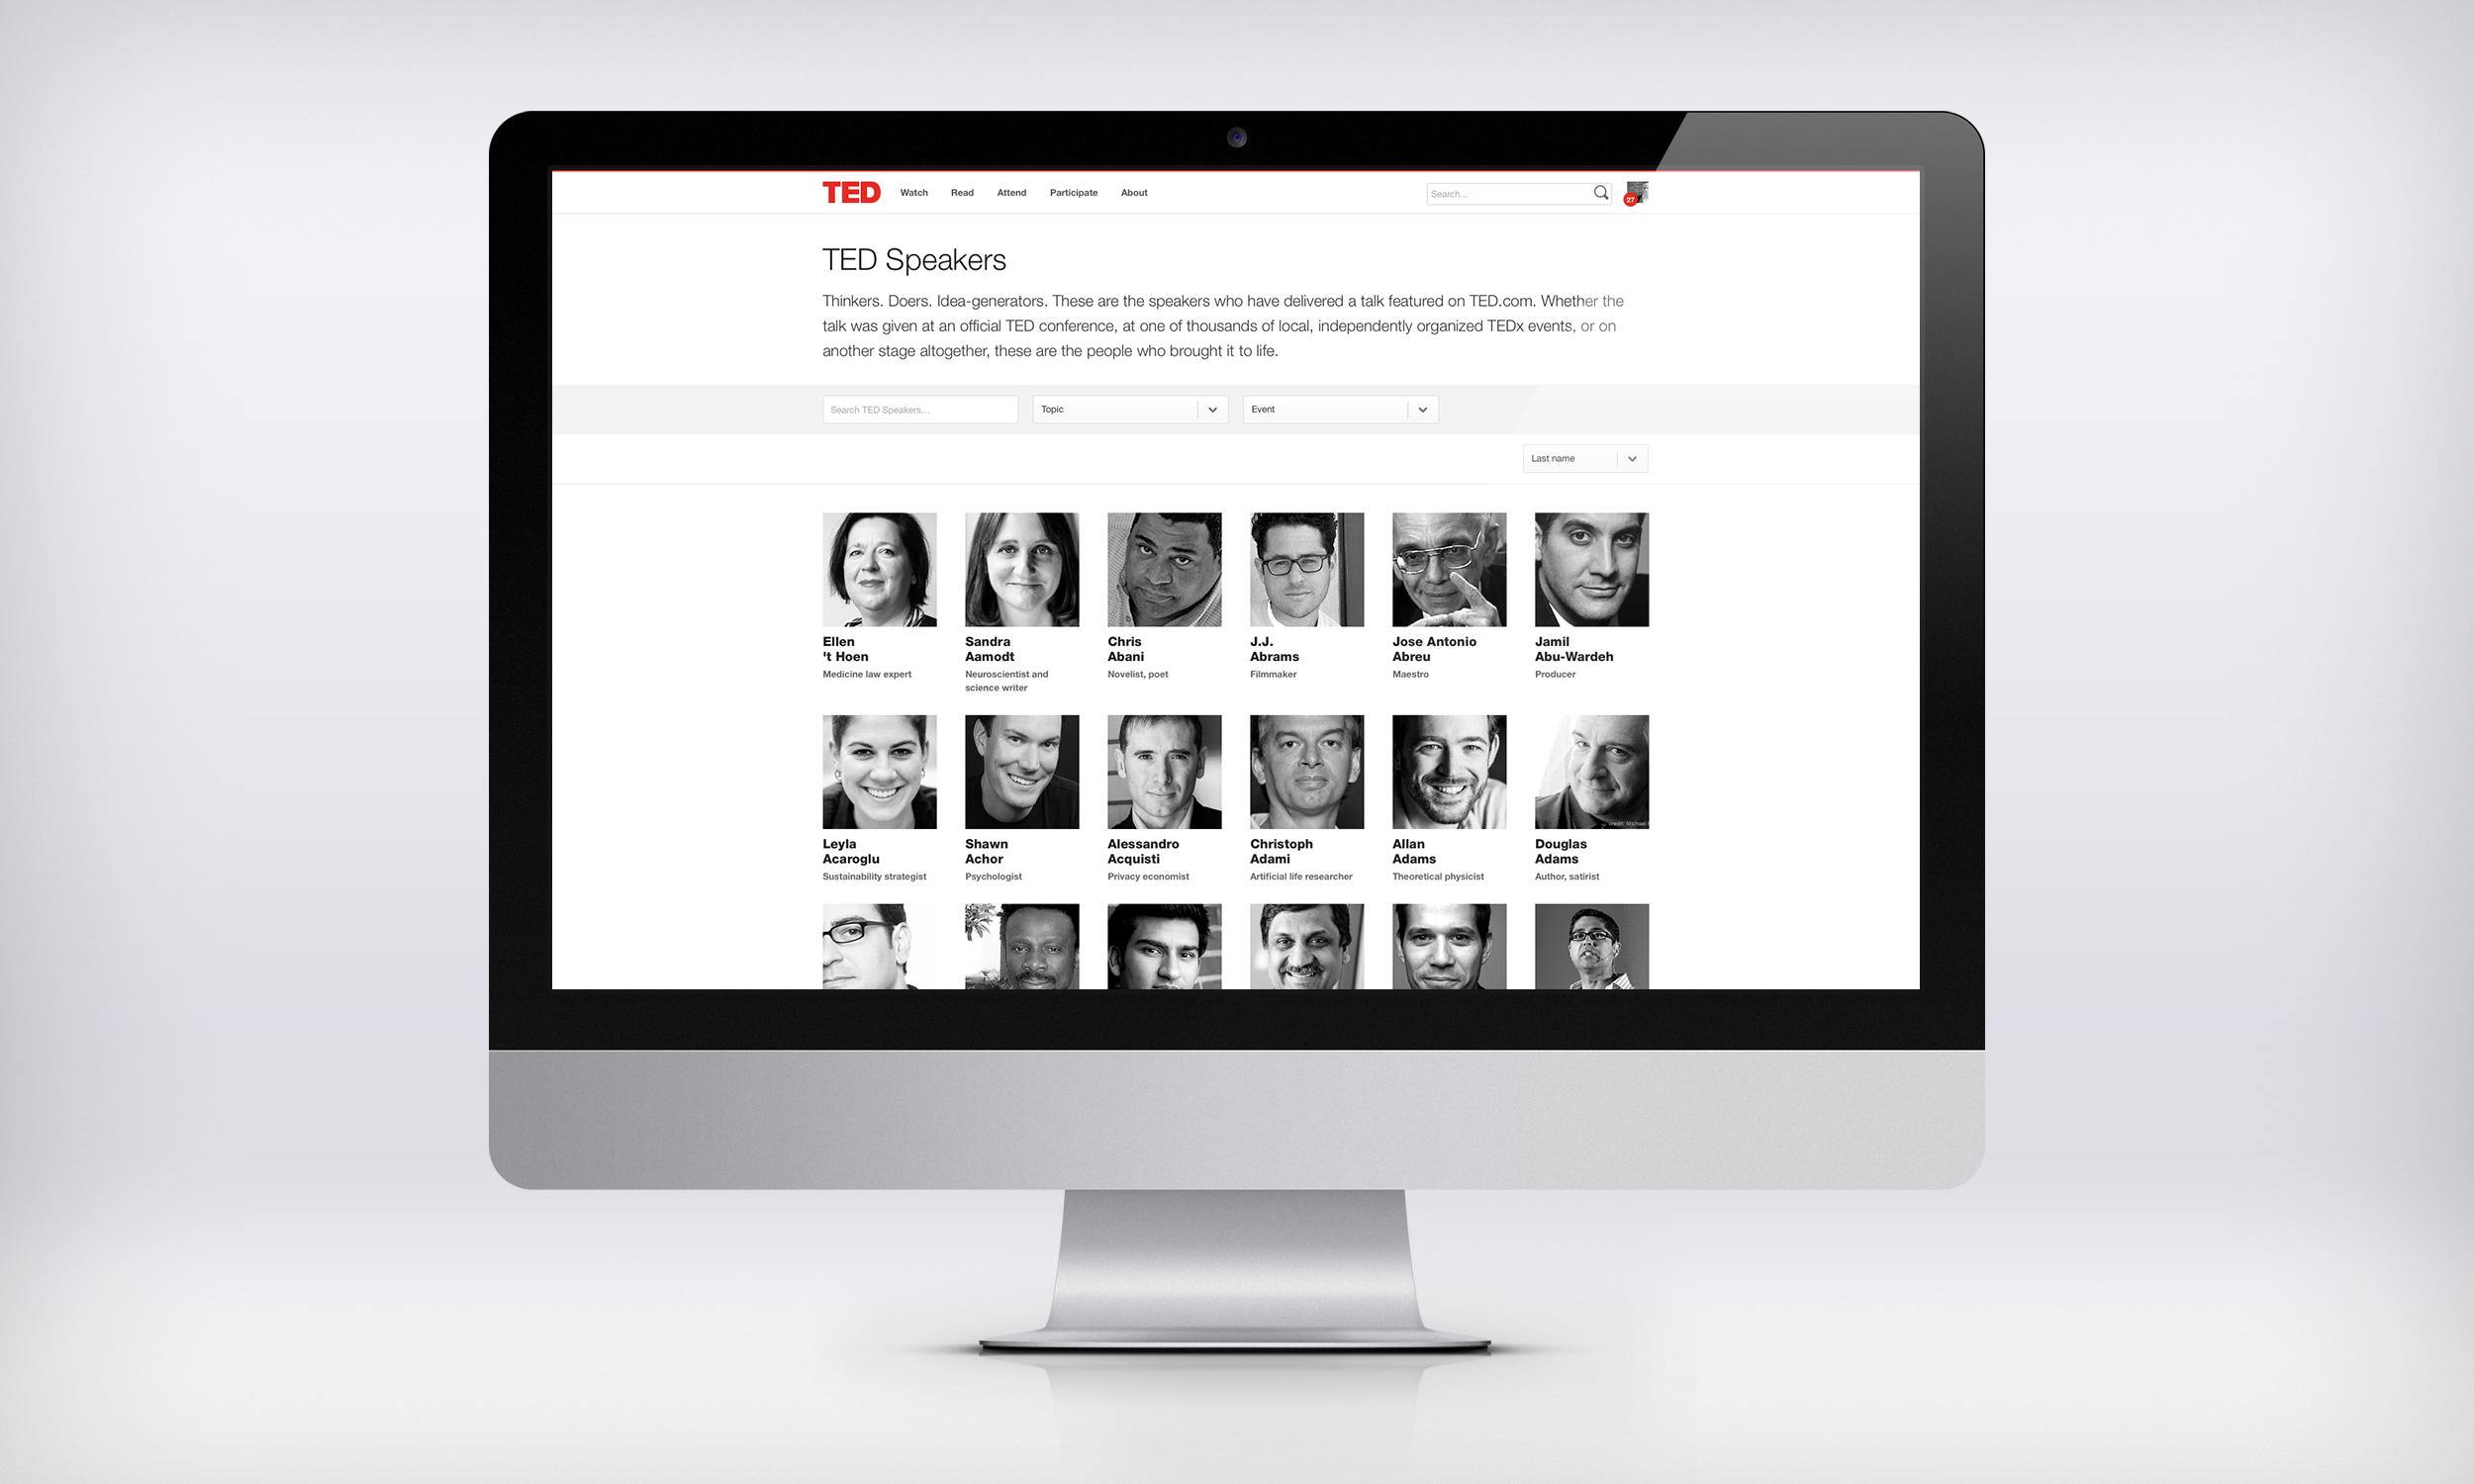 ted-speaker-search.jpg